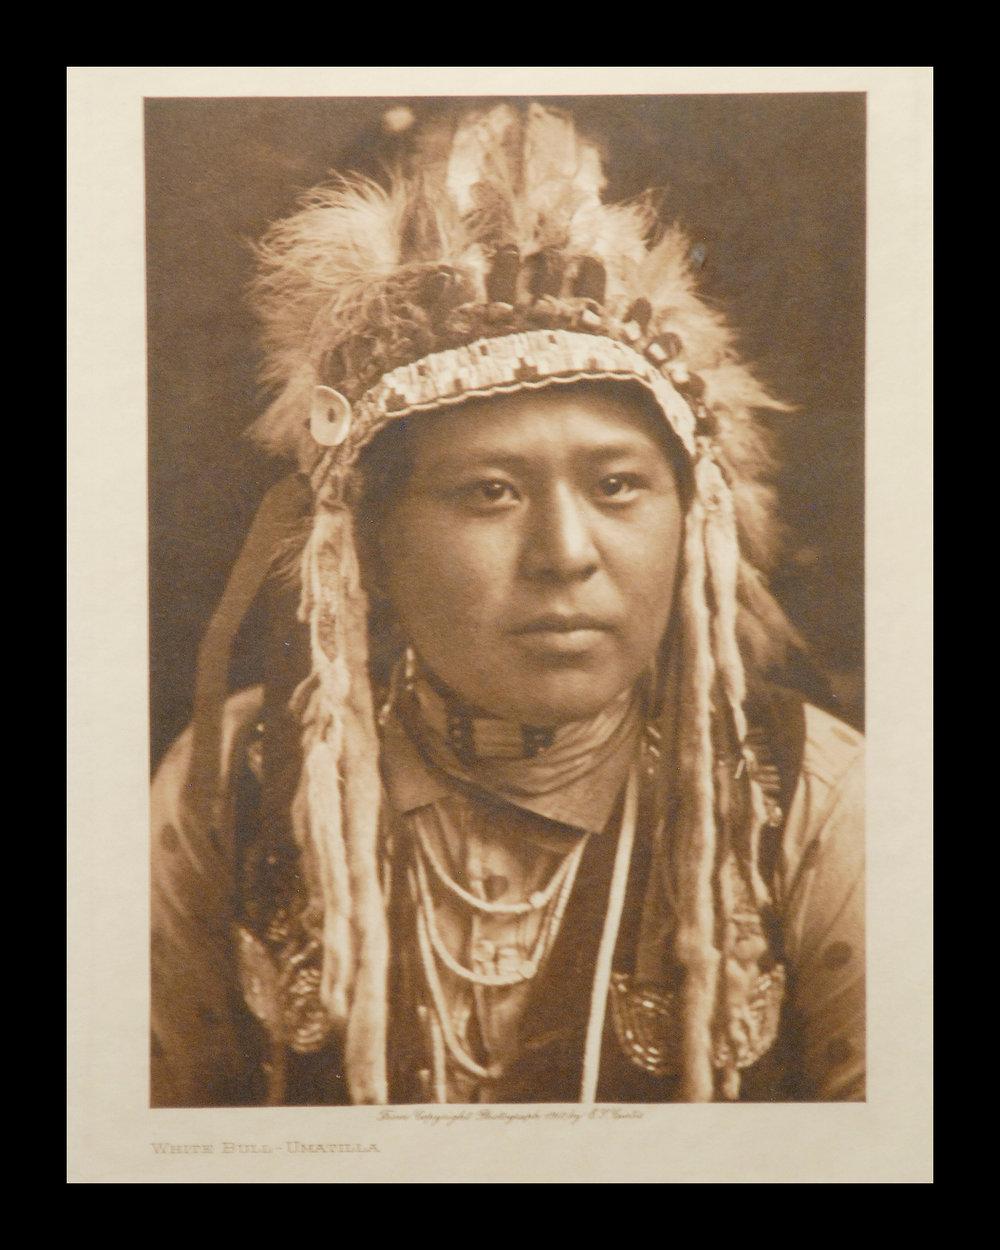 """""""White Bull-Umatilla"""" 1910 Vol.8          Vellum Print,Vintage Photogravure"""